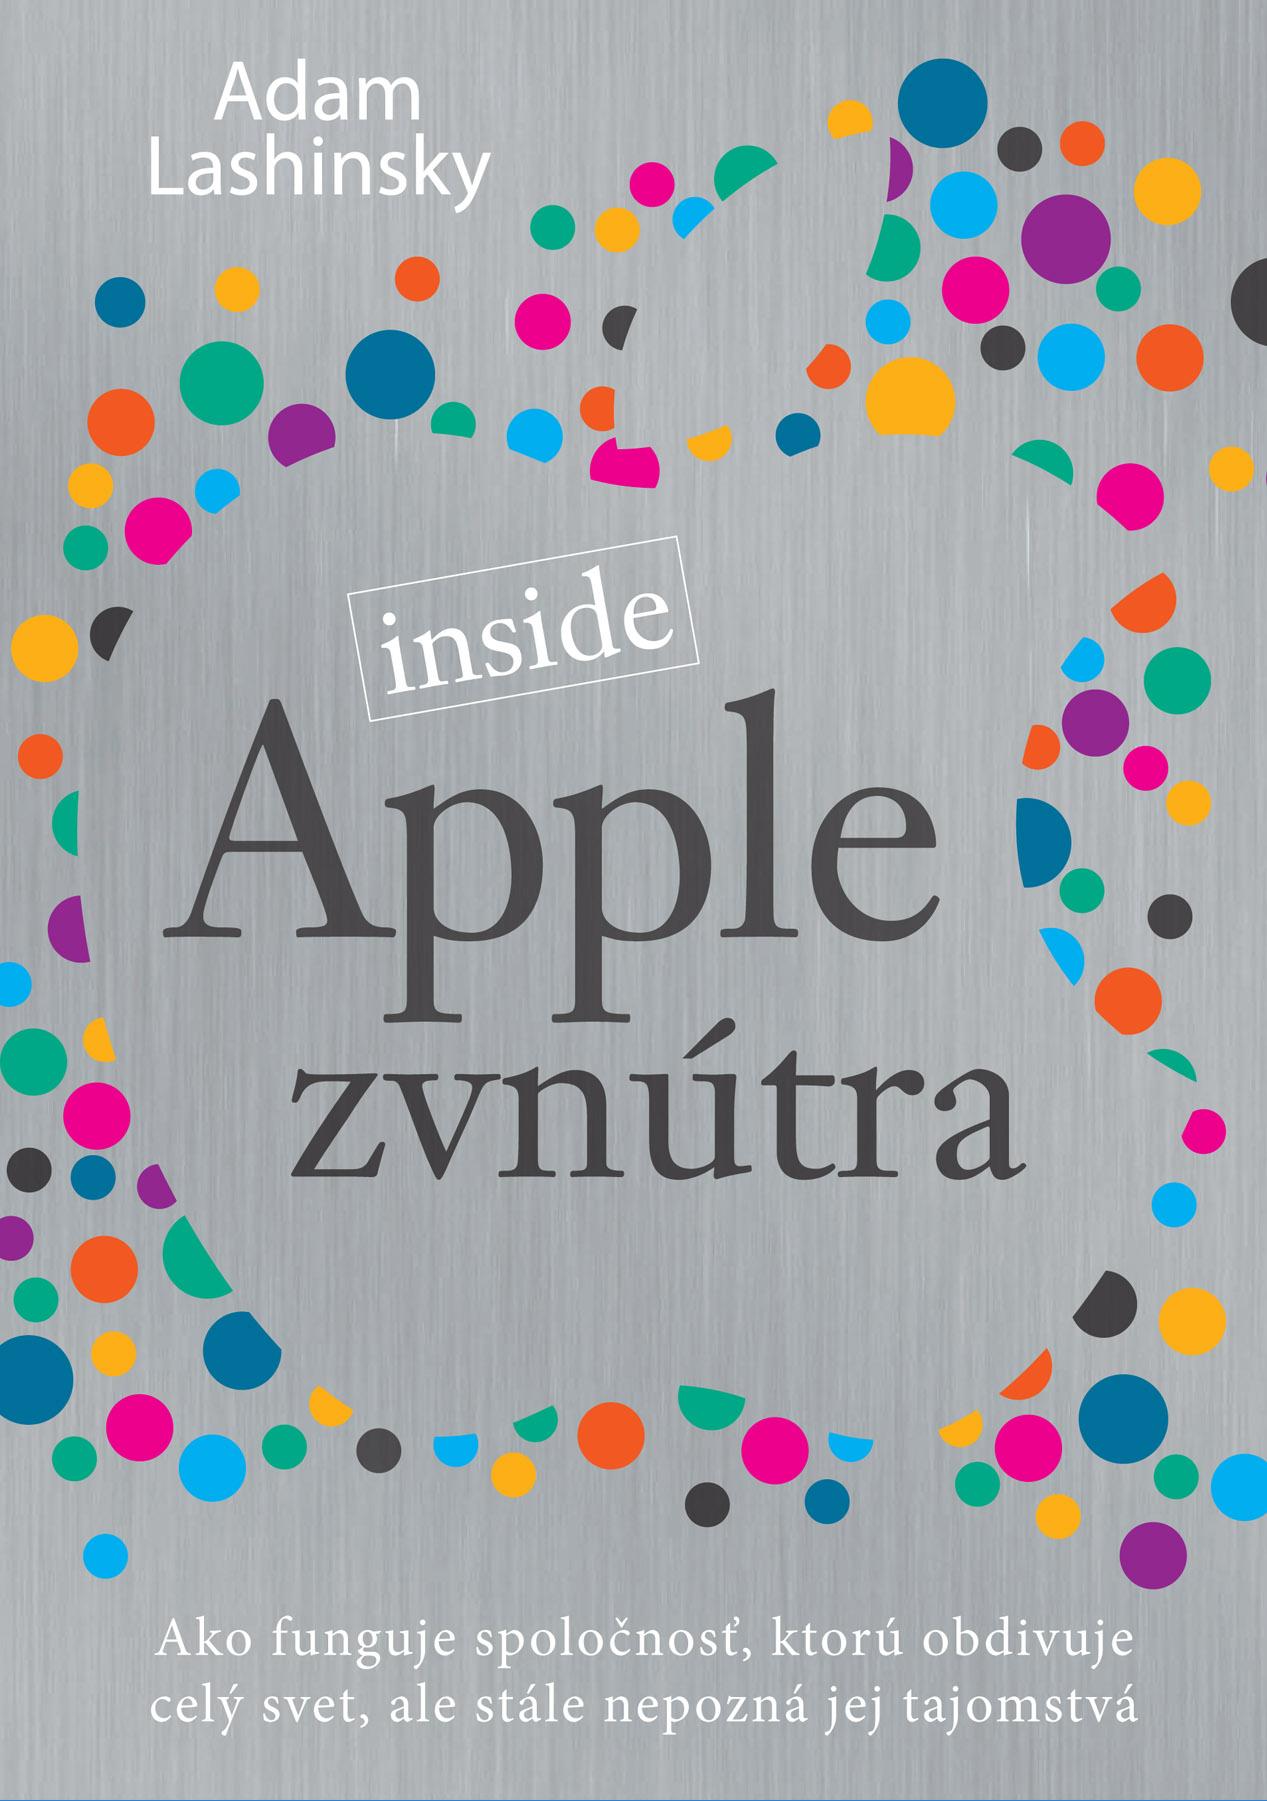 Apple zvnútra - Ako funguje spoločnosť, ktorú obdivuje celý svet, ale stále nepozná jej tajomstvá